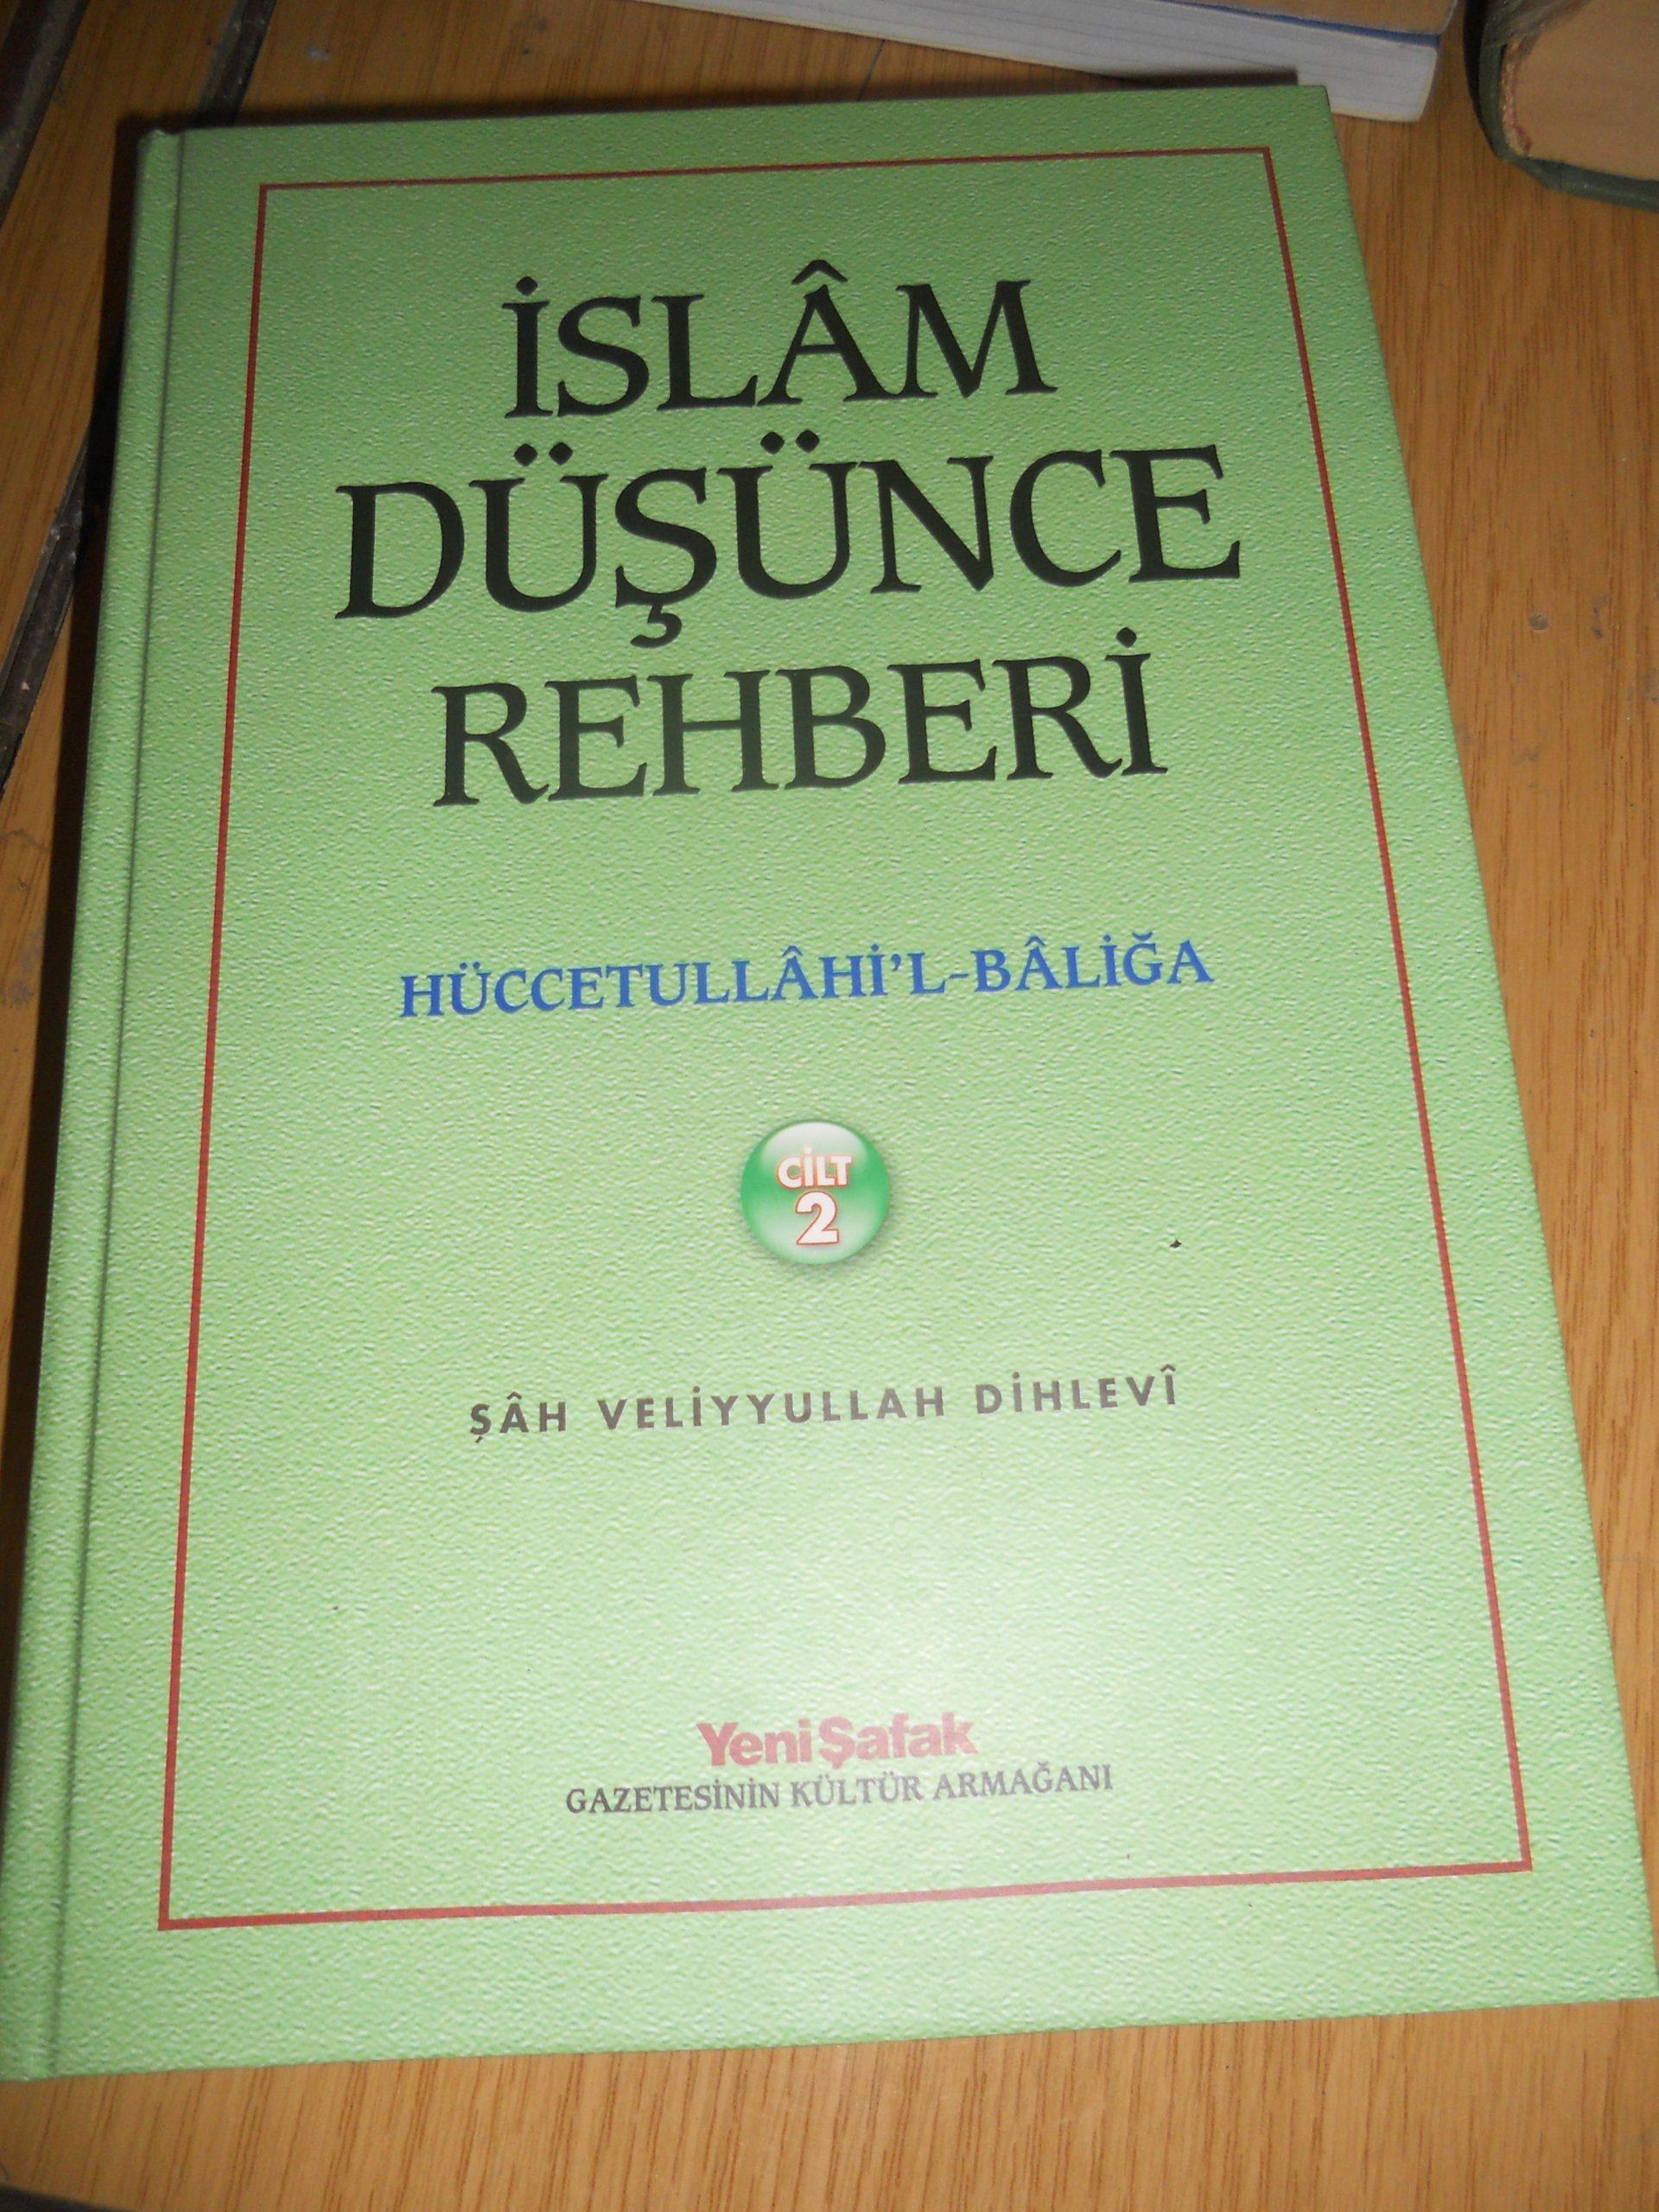 İSLAM DÜŞÜNCE REHBERİ-2-(HUCCETULLAHİ'L -BALİĞA)/Şah Veliyyullah Dehlevi/ 20 TL